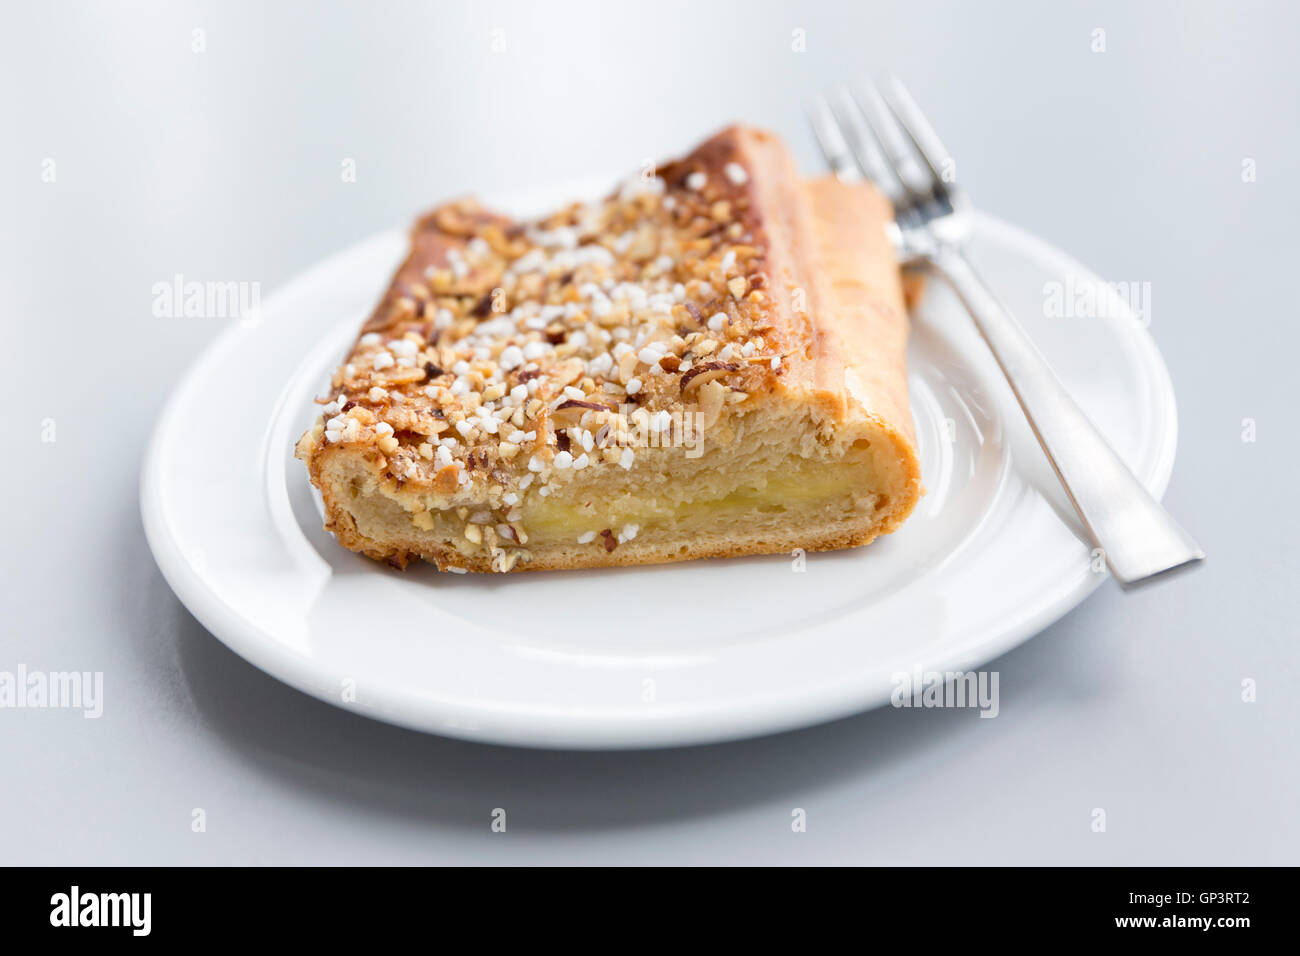 Dänisches Gebäck auf weißer Teller mit Gabel - traditionelle süße Kuchen mit Apple Muttern Stockbild